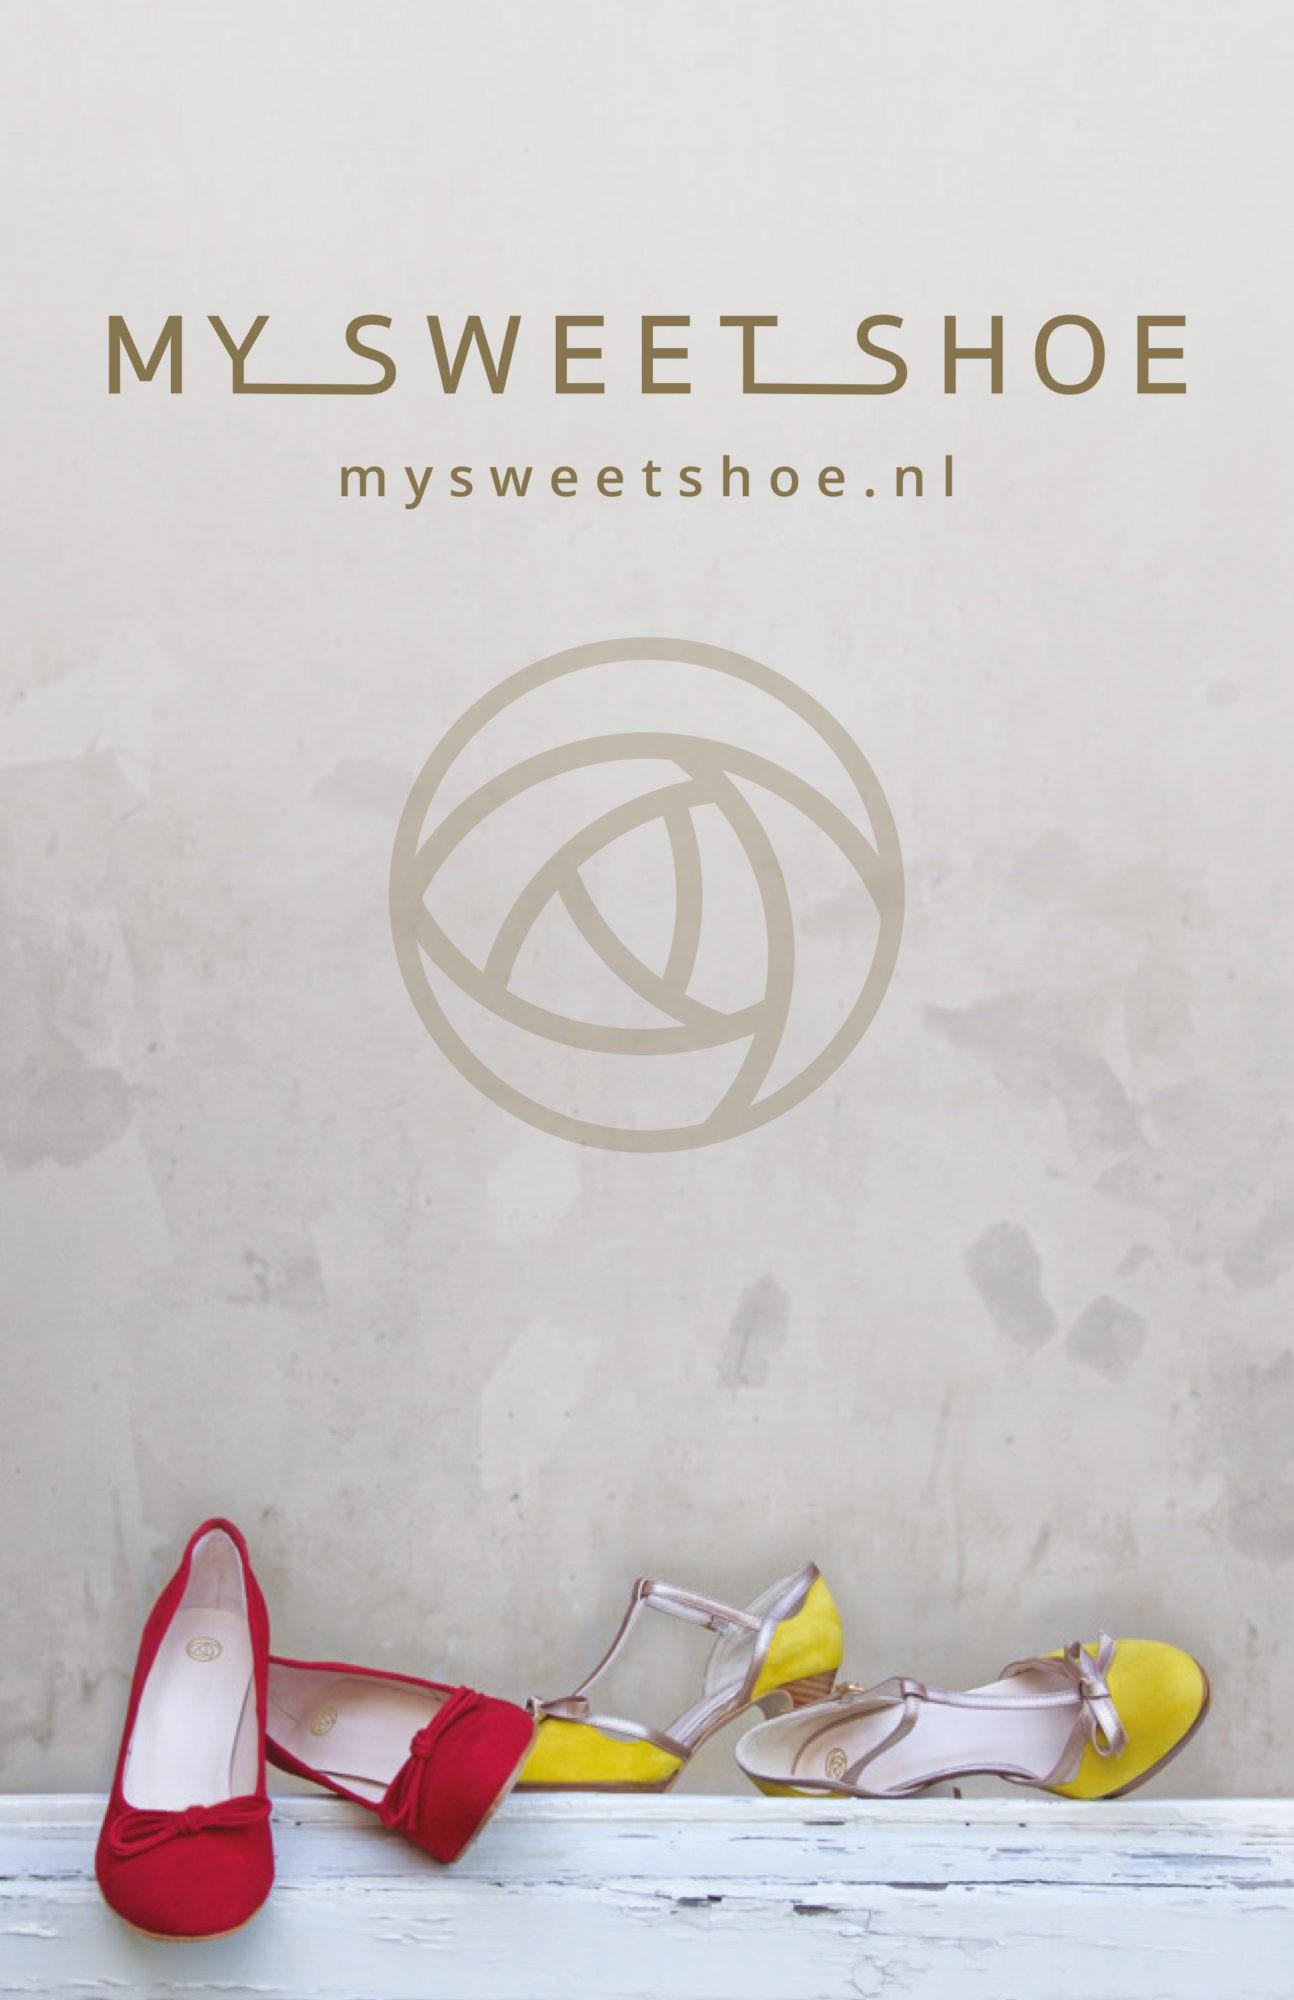 My Sweet Shoe